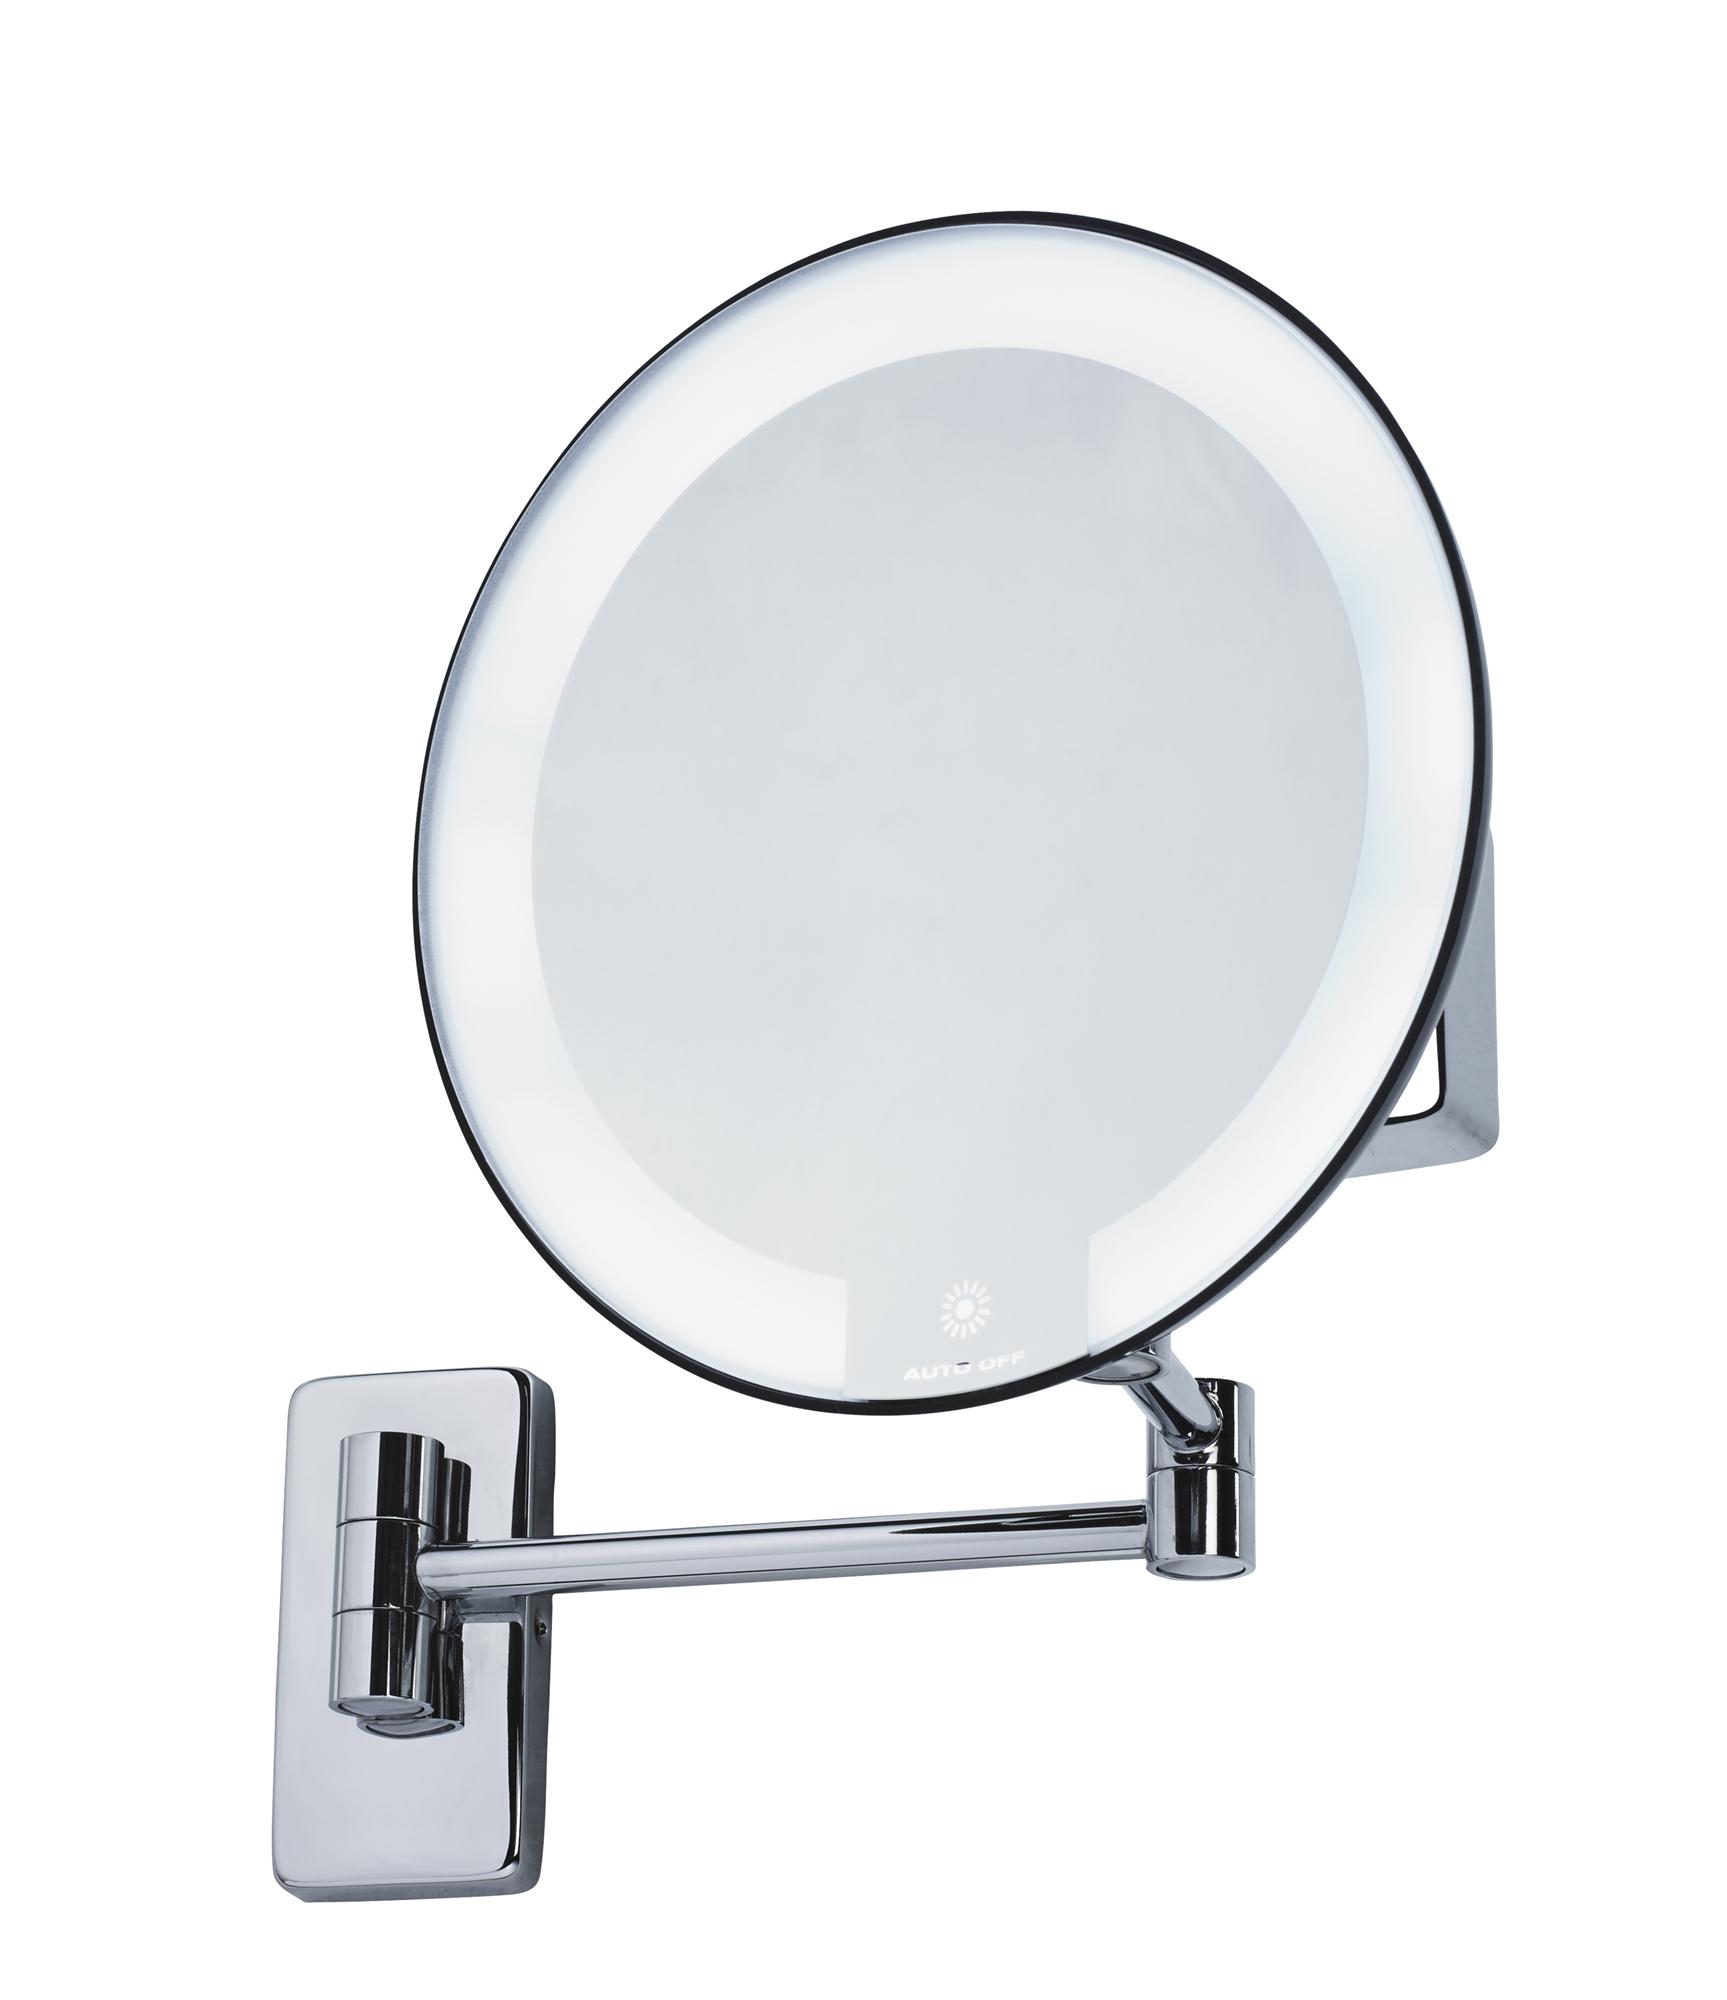 Miroir grossissant lumineux rond jvd cosmos noir - Miroir salle de bain grossissant ...